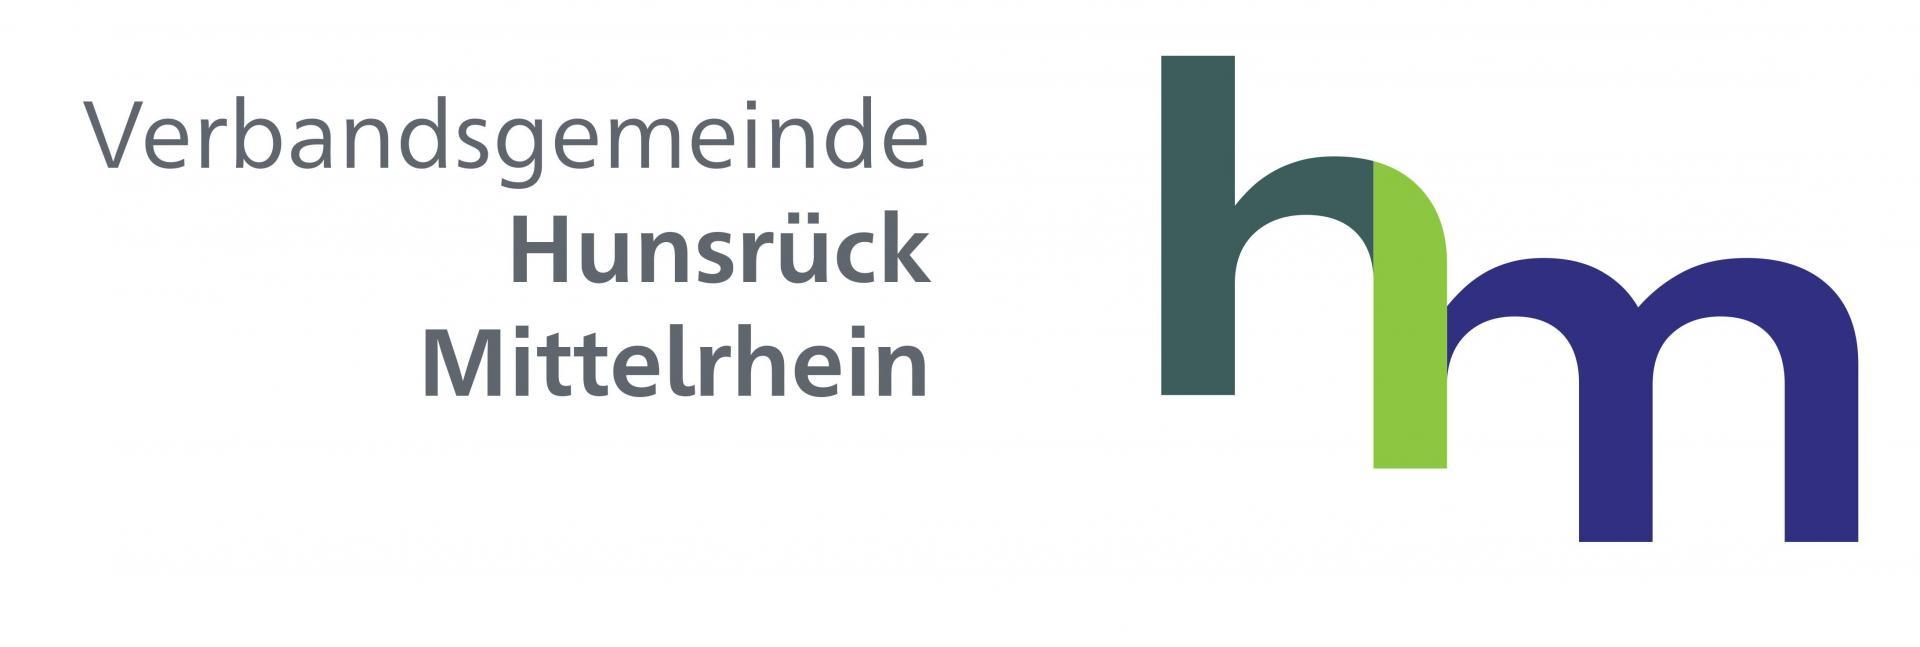 Bild der Meldung: Einwohnerinformation zur Sitzung des Haupt- und Finanzausschusses sowie des Bau-, Planungs-, Umwelt- und Werksausschusses der Verbandsgemeinde Hunsrück-Mittelrhein am 11.03.2020